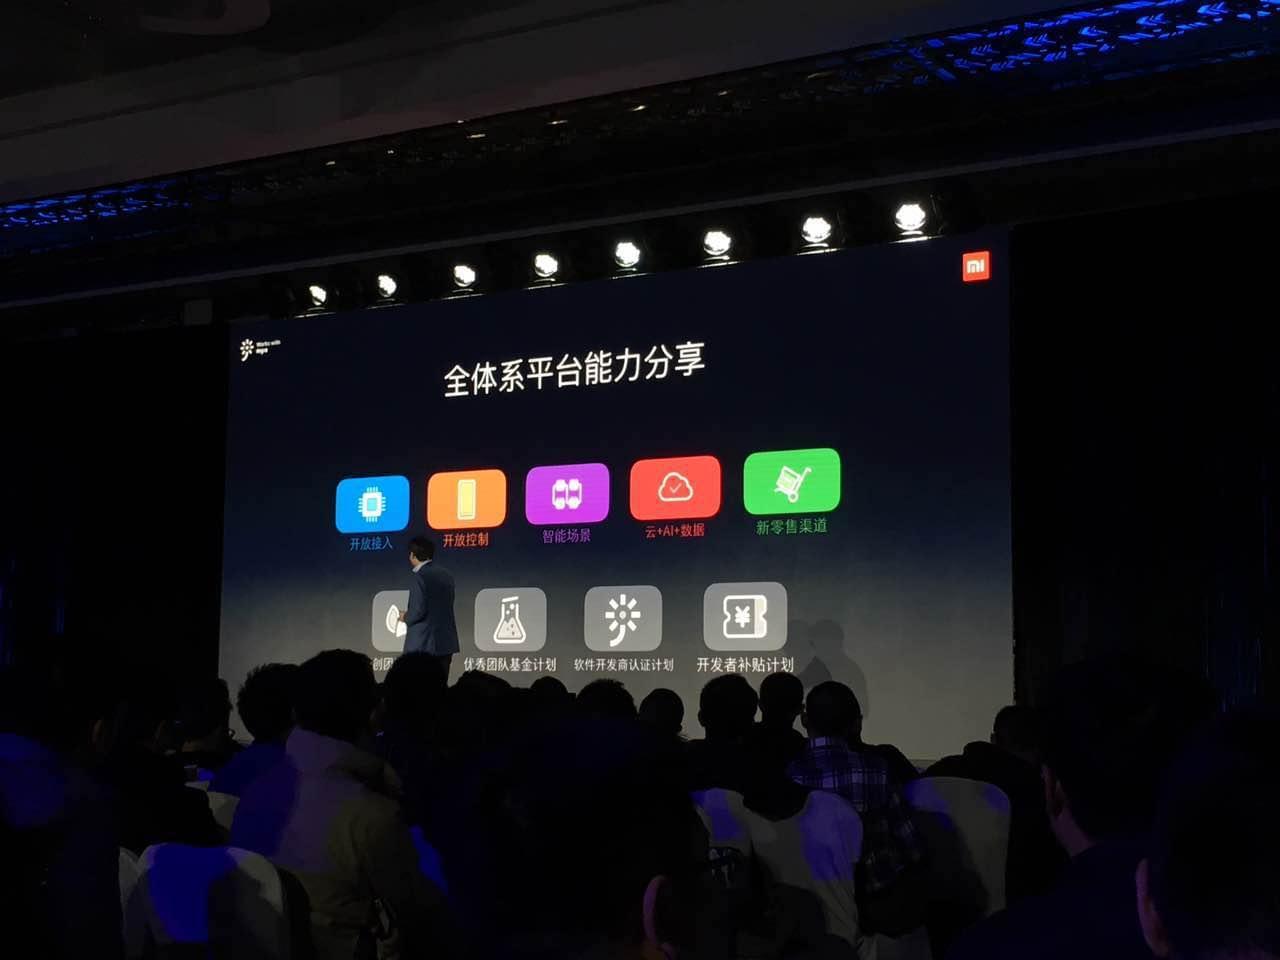 雷军宣布小米进入IoT战略新阶段 公布开发者计划